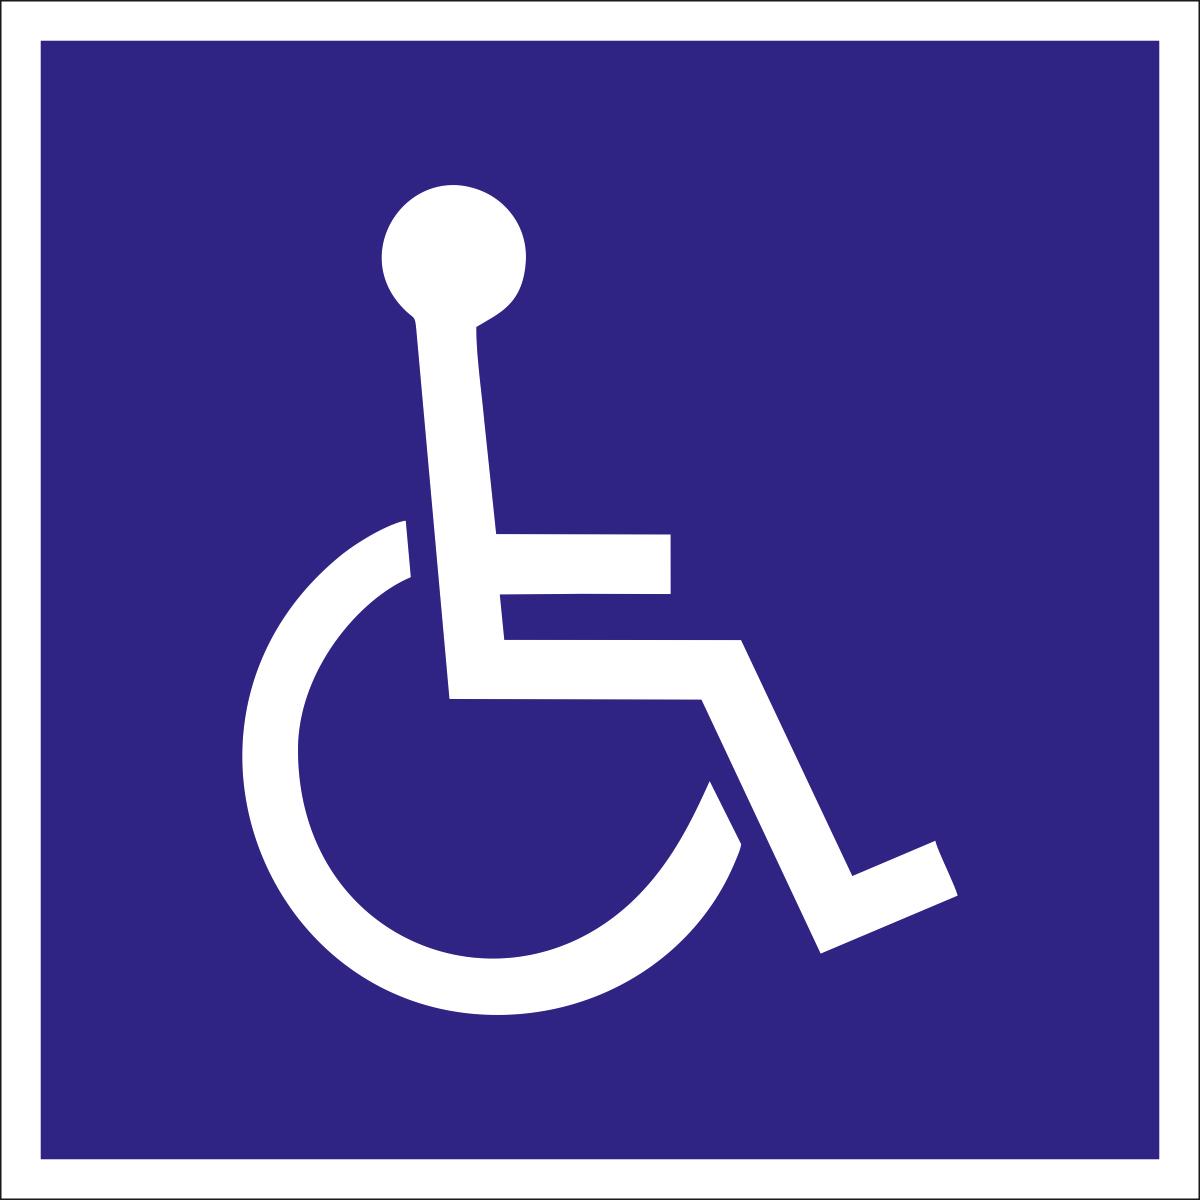 Наклейка информационная Оранжевый Слоник Доступность для инвалидов в креслах-колясках, 15 х 15 см таблички информационные оранжевый слоник наклейка информационная место для мусора 2 шт